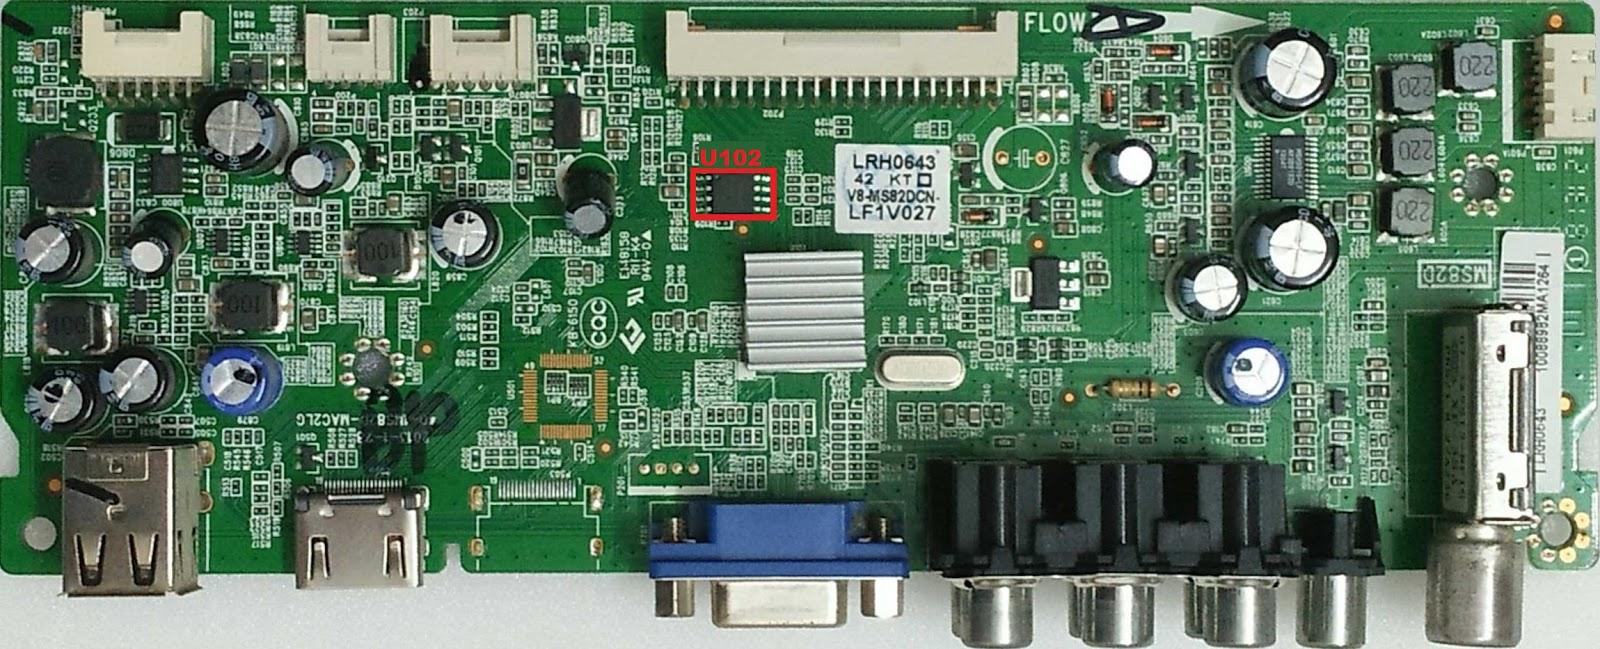 MEMORY DUMP TV: TCL LED32T3500